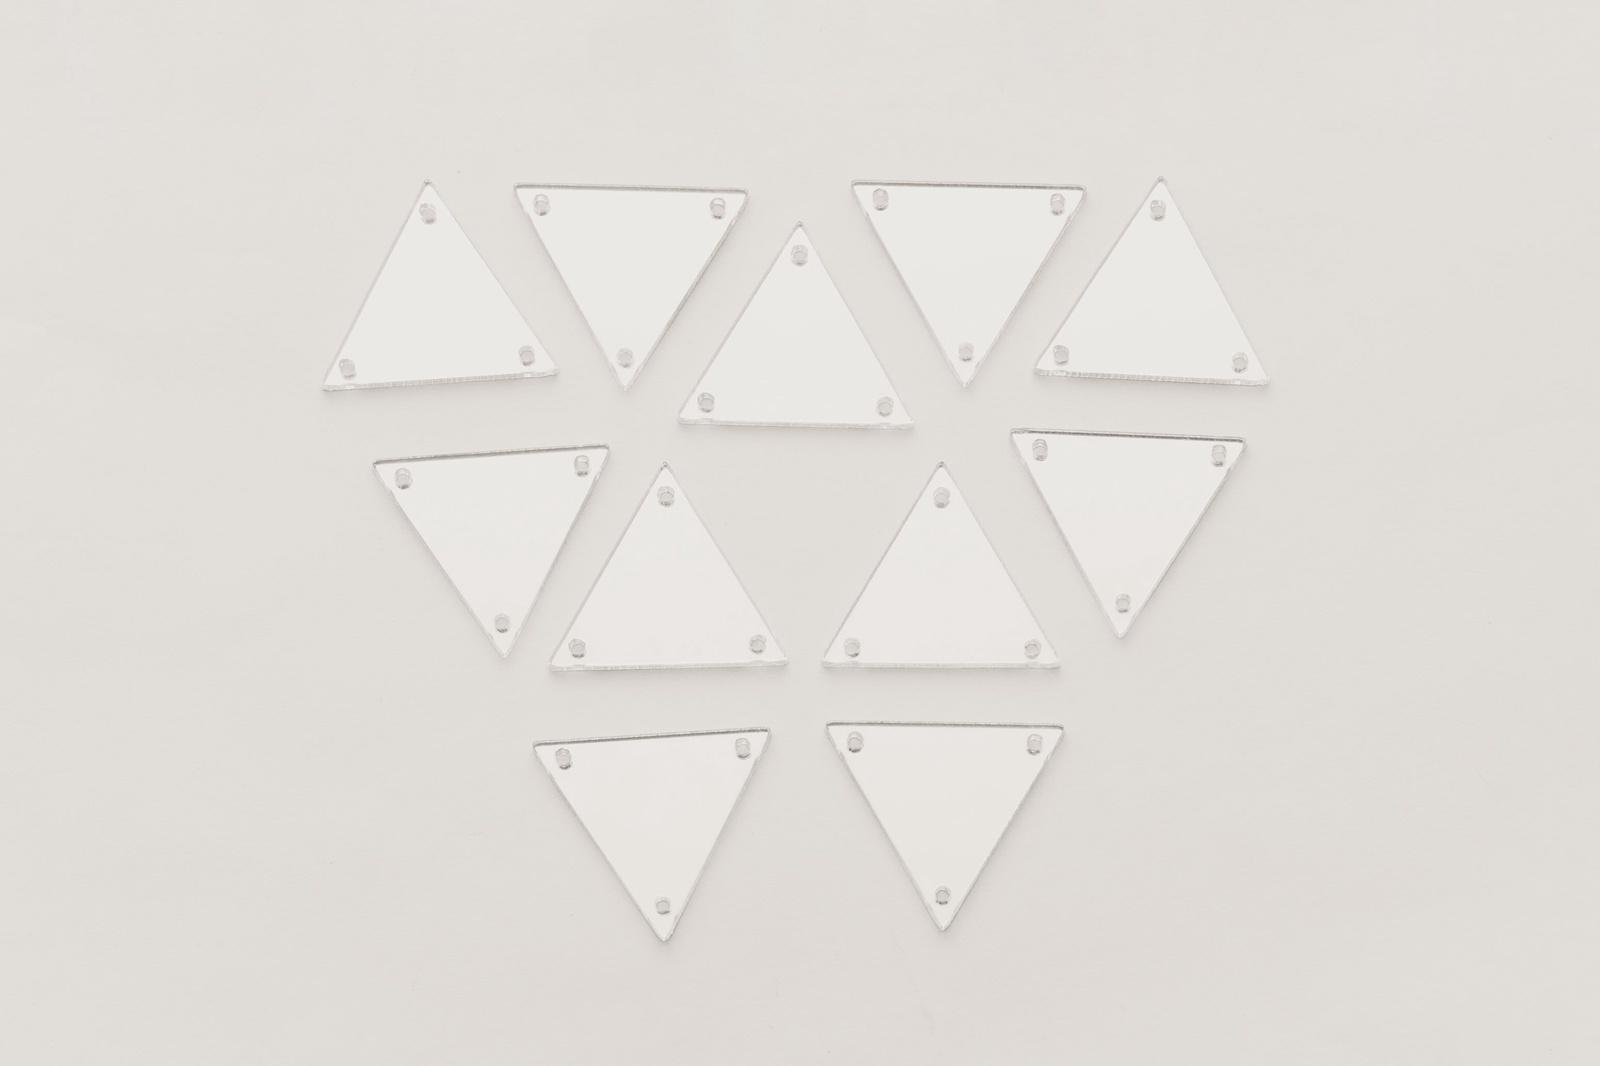 CASP Lase ТРЕ30 Комплект акриловых пришивных зеркал/страз Треугольник